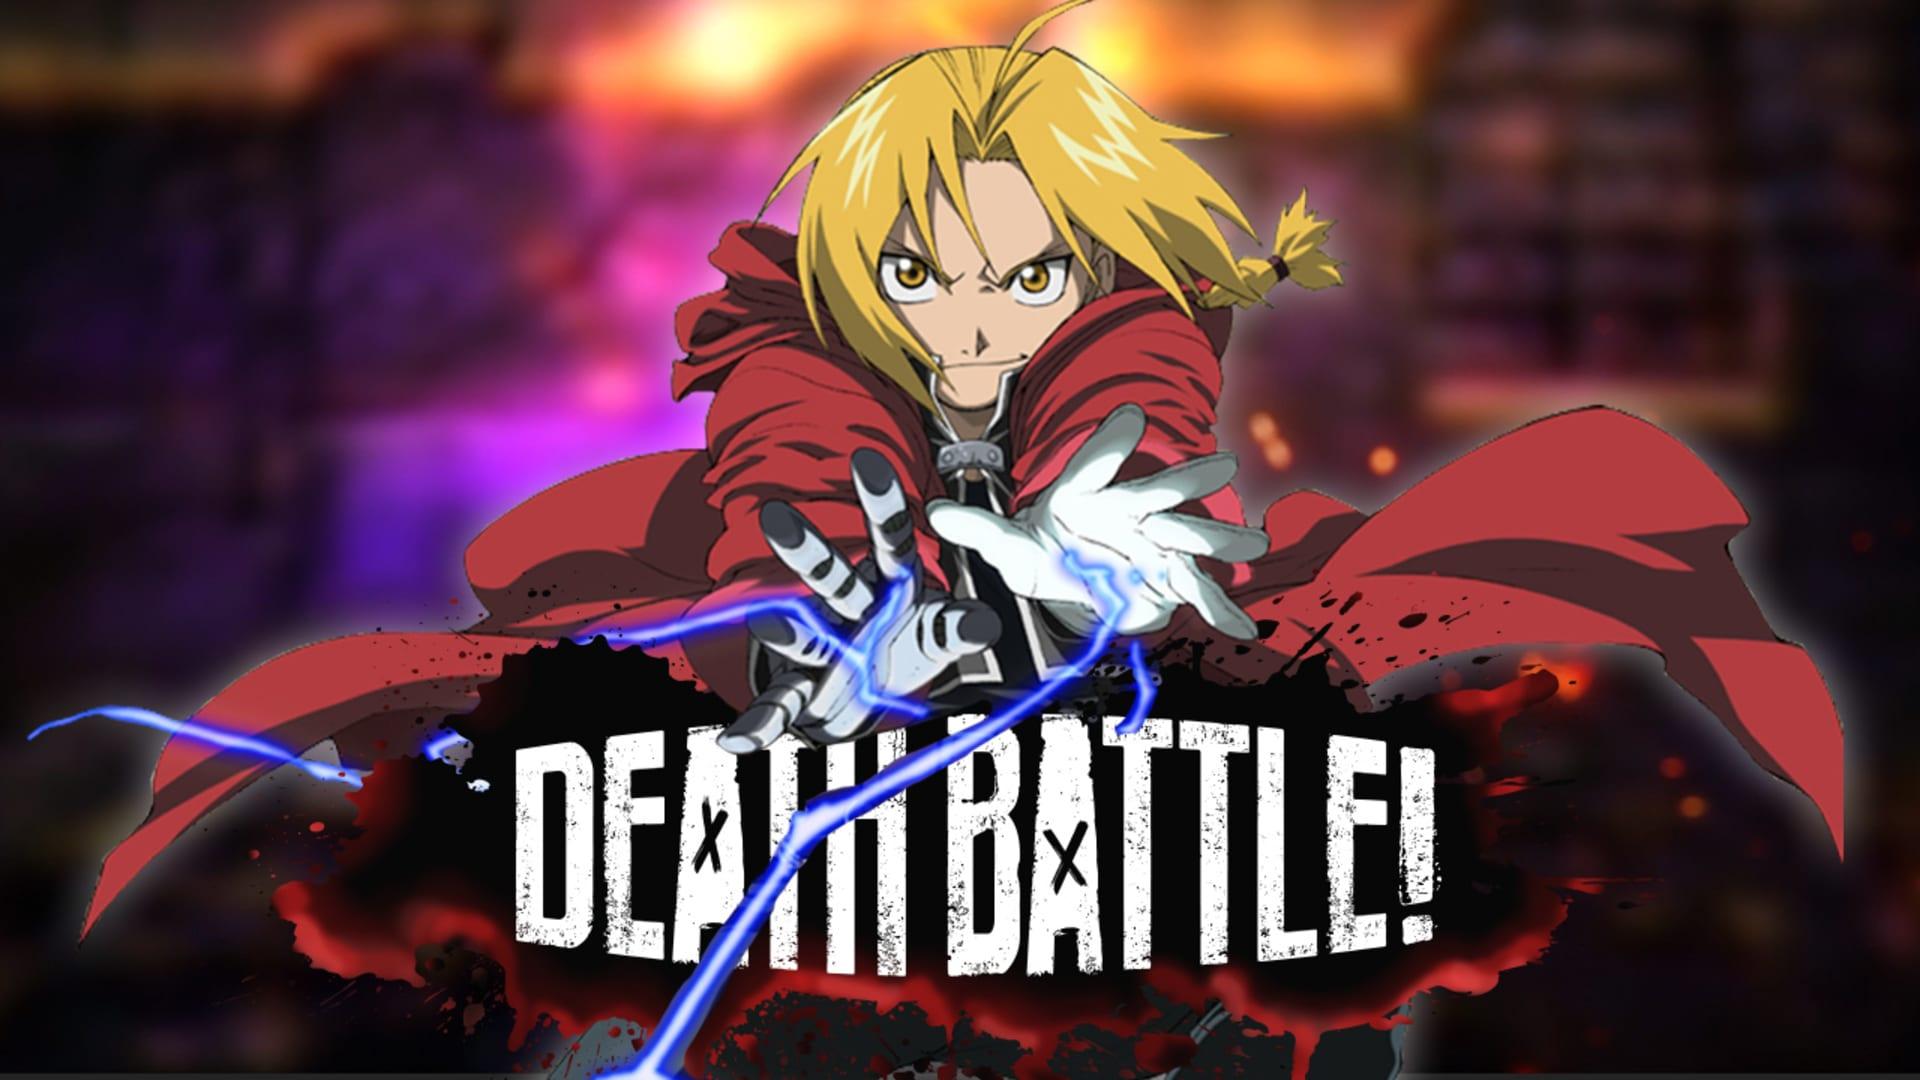 Edward Transmutes into DEATH BATTLE! - Rooster Teeth